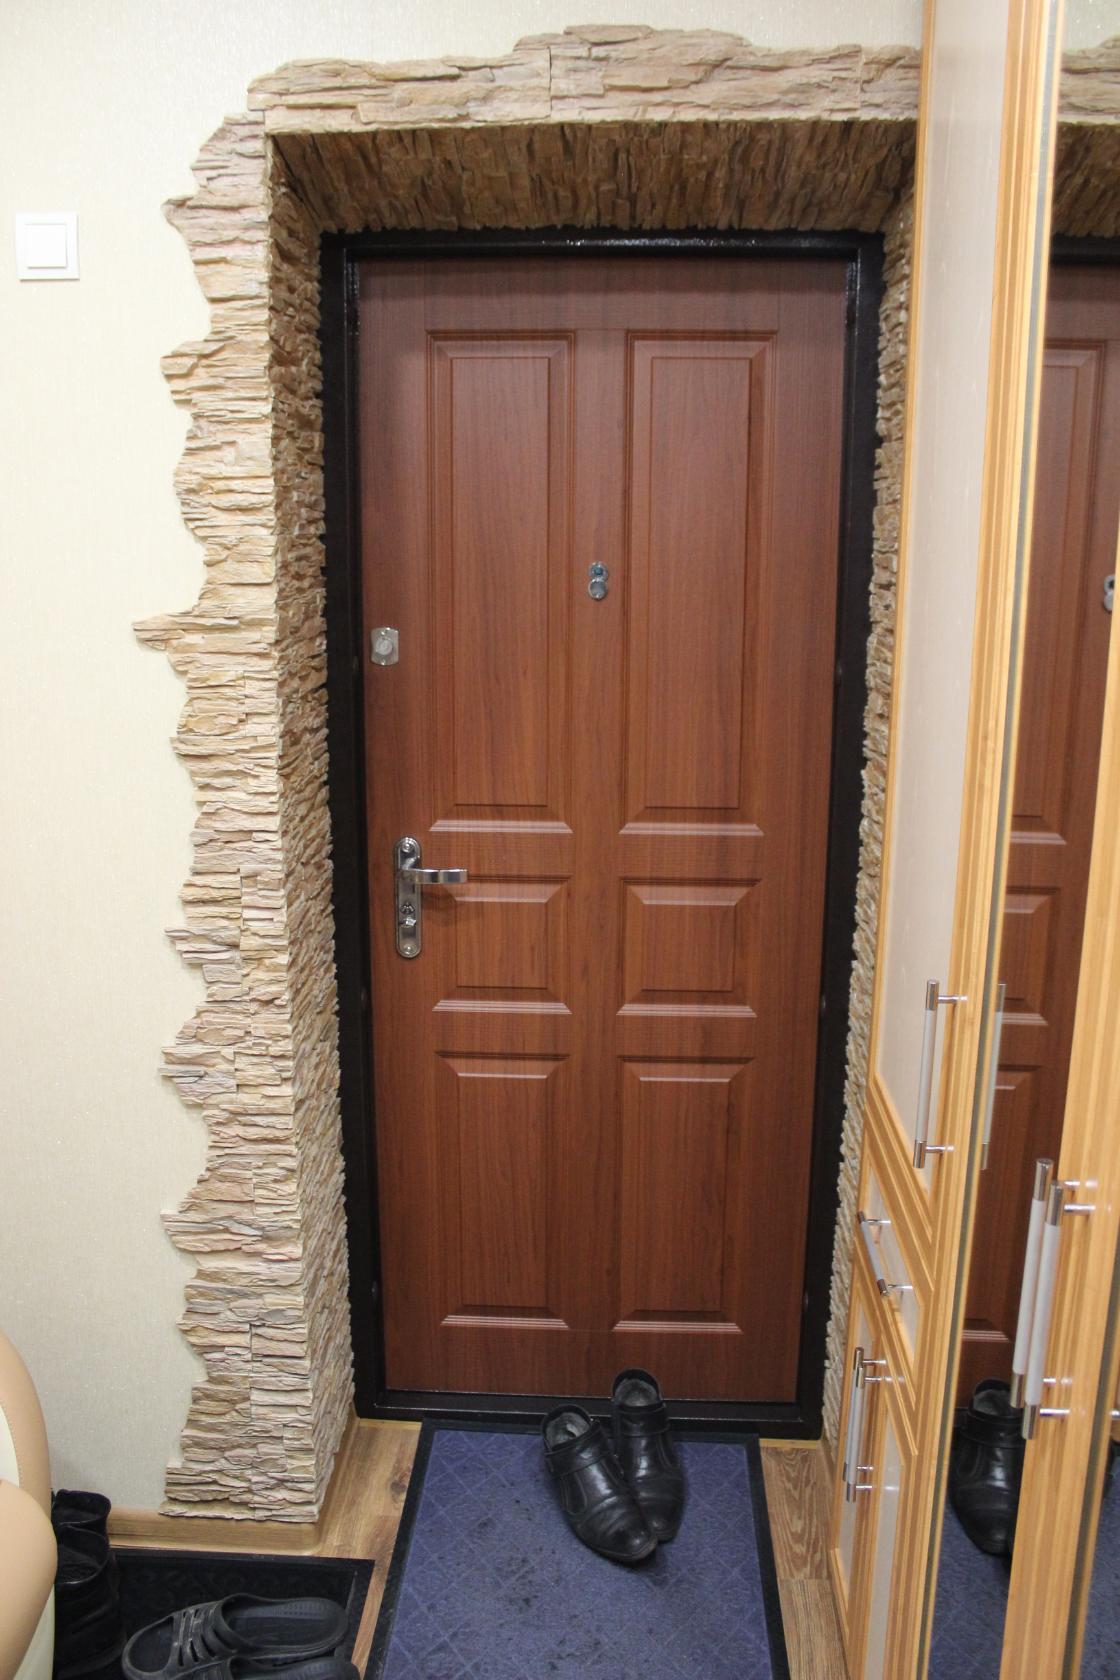 оформление входной двери внутри квартиры фото светлых ресниц